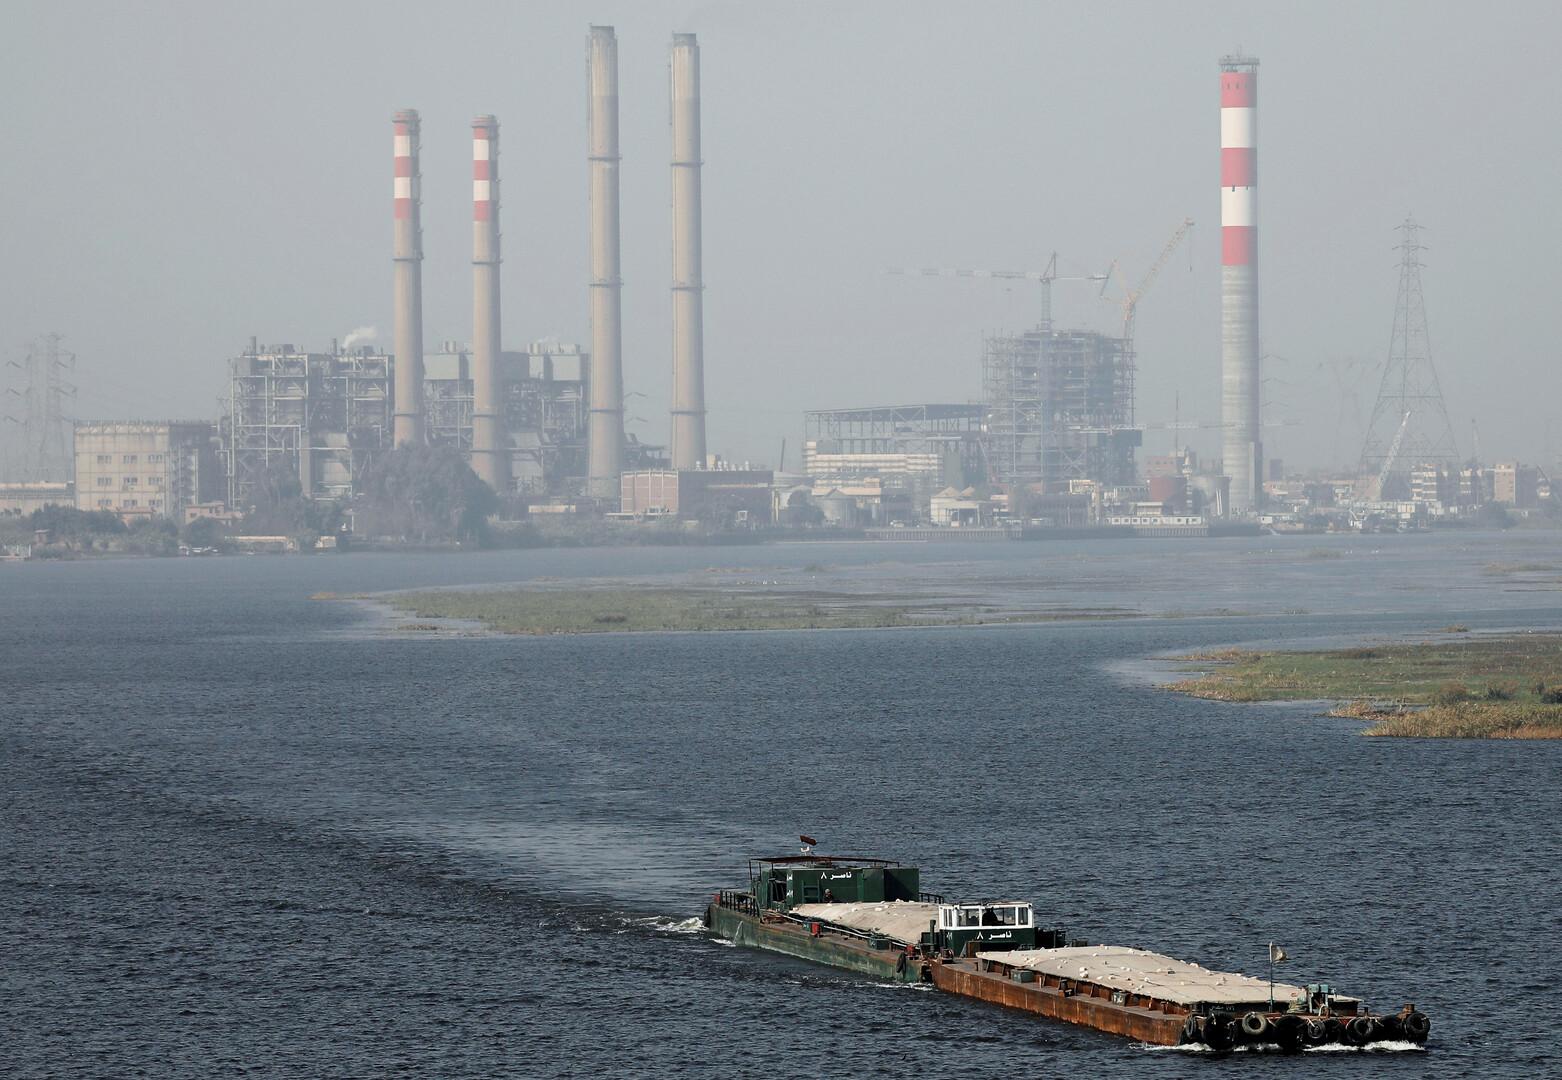 مصر تكشف عن خطة الحفاظ على أمنها المائي.. وبناء قناطر بمليارات الجنيهات